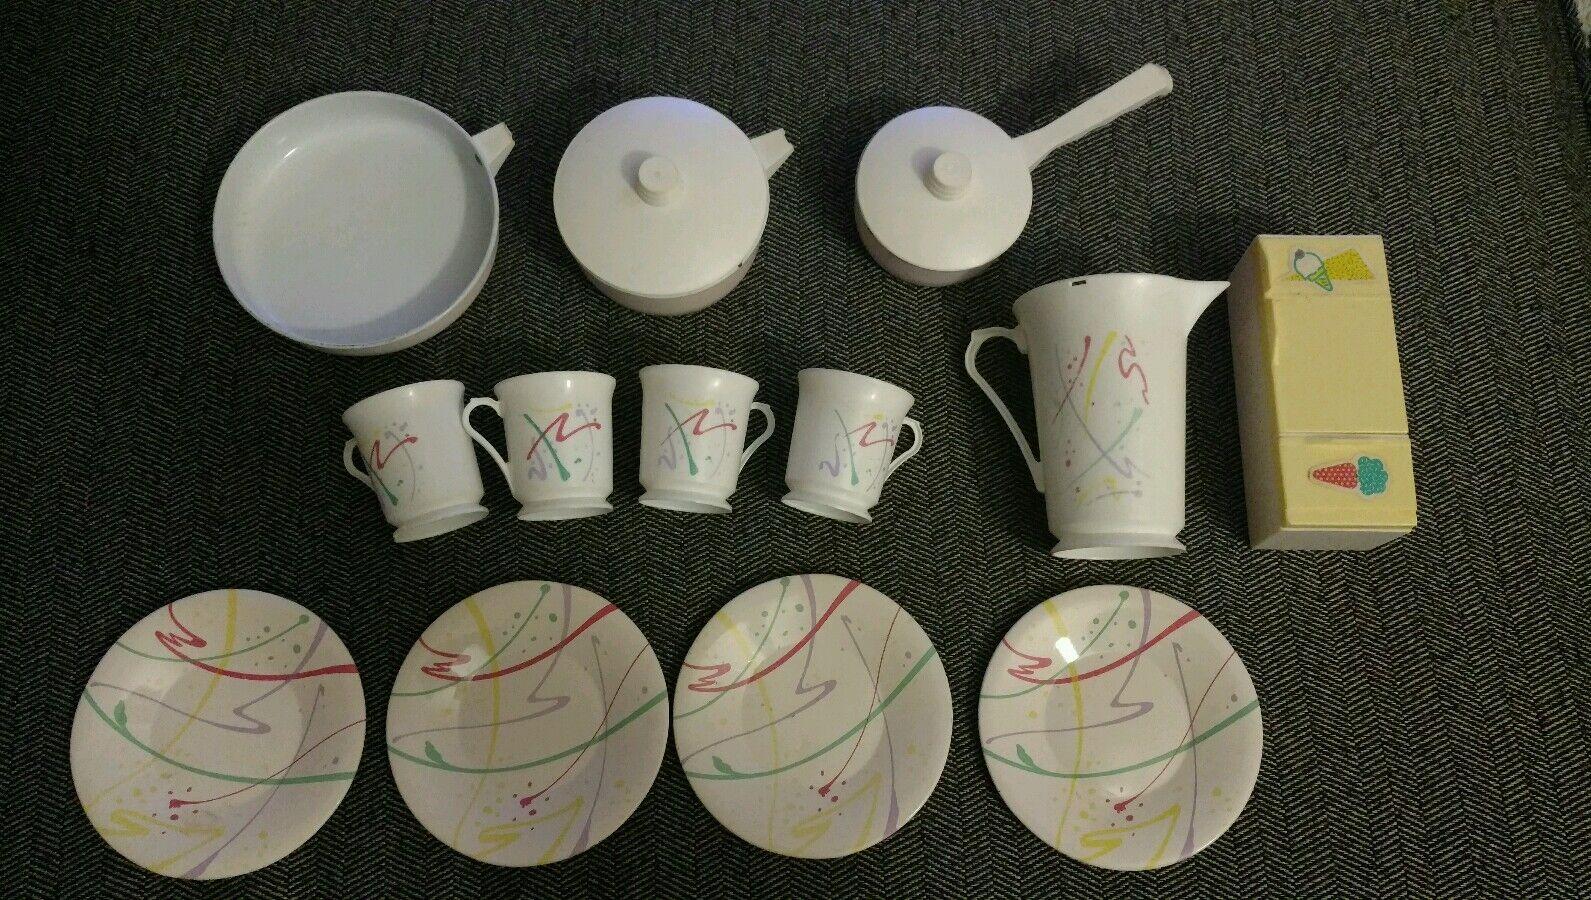 Metal Vintage Muñeca Muebles 90s 80s blancoo Taza de placa de cocina Olla Lote Tea Party